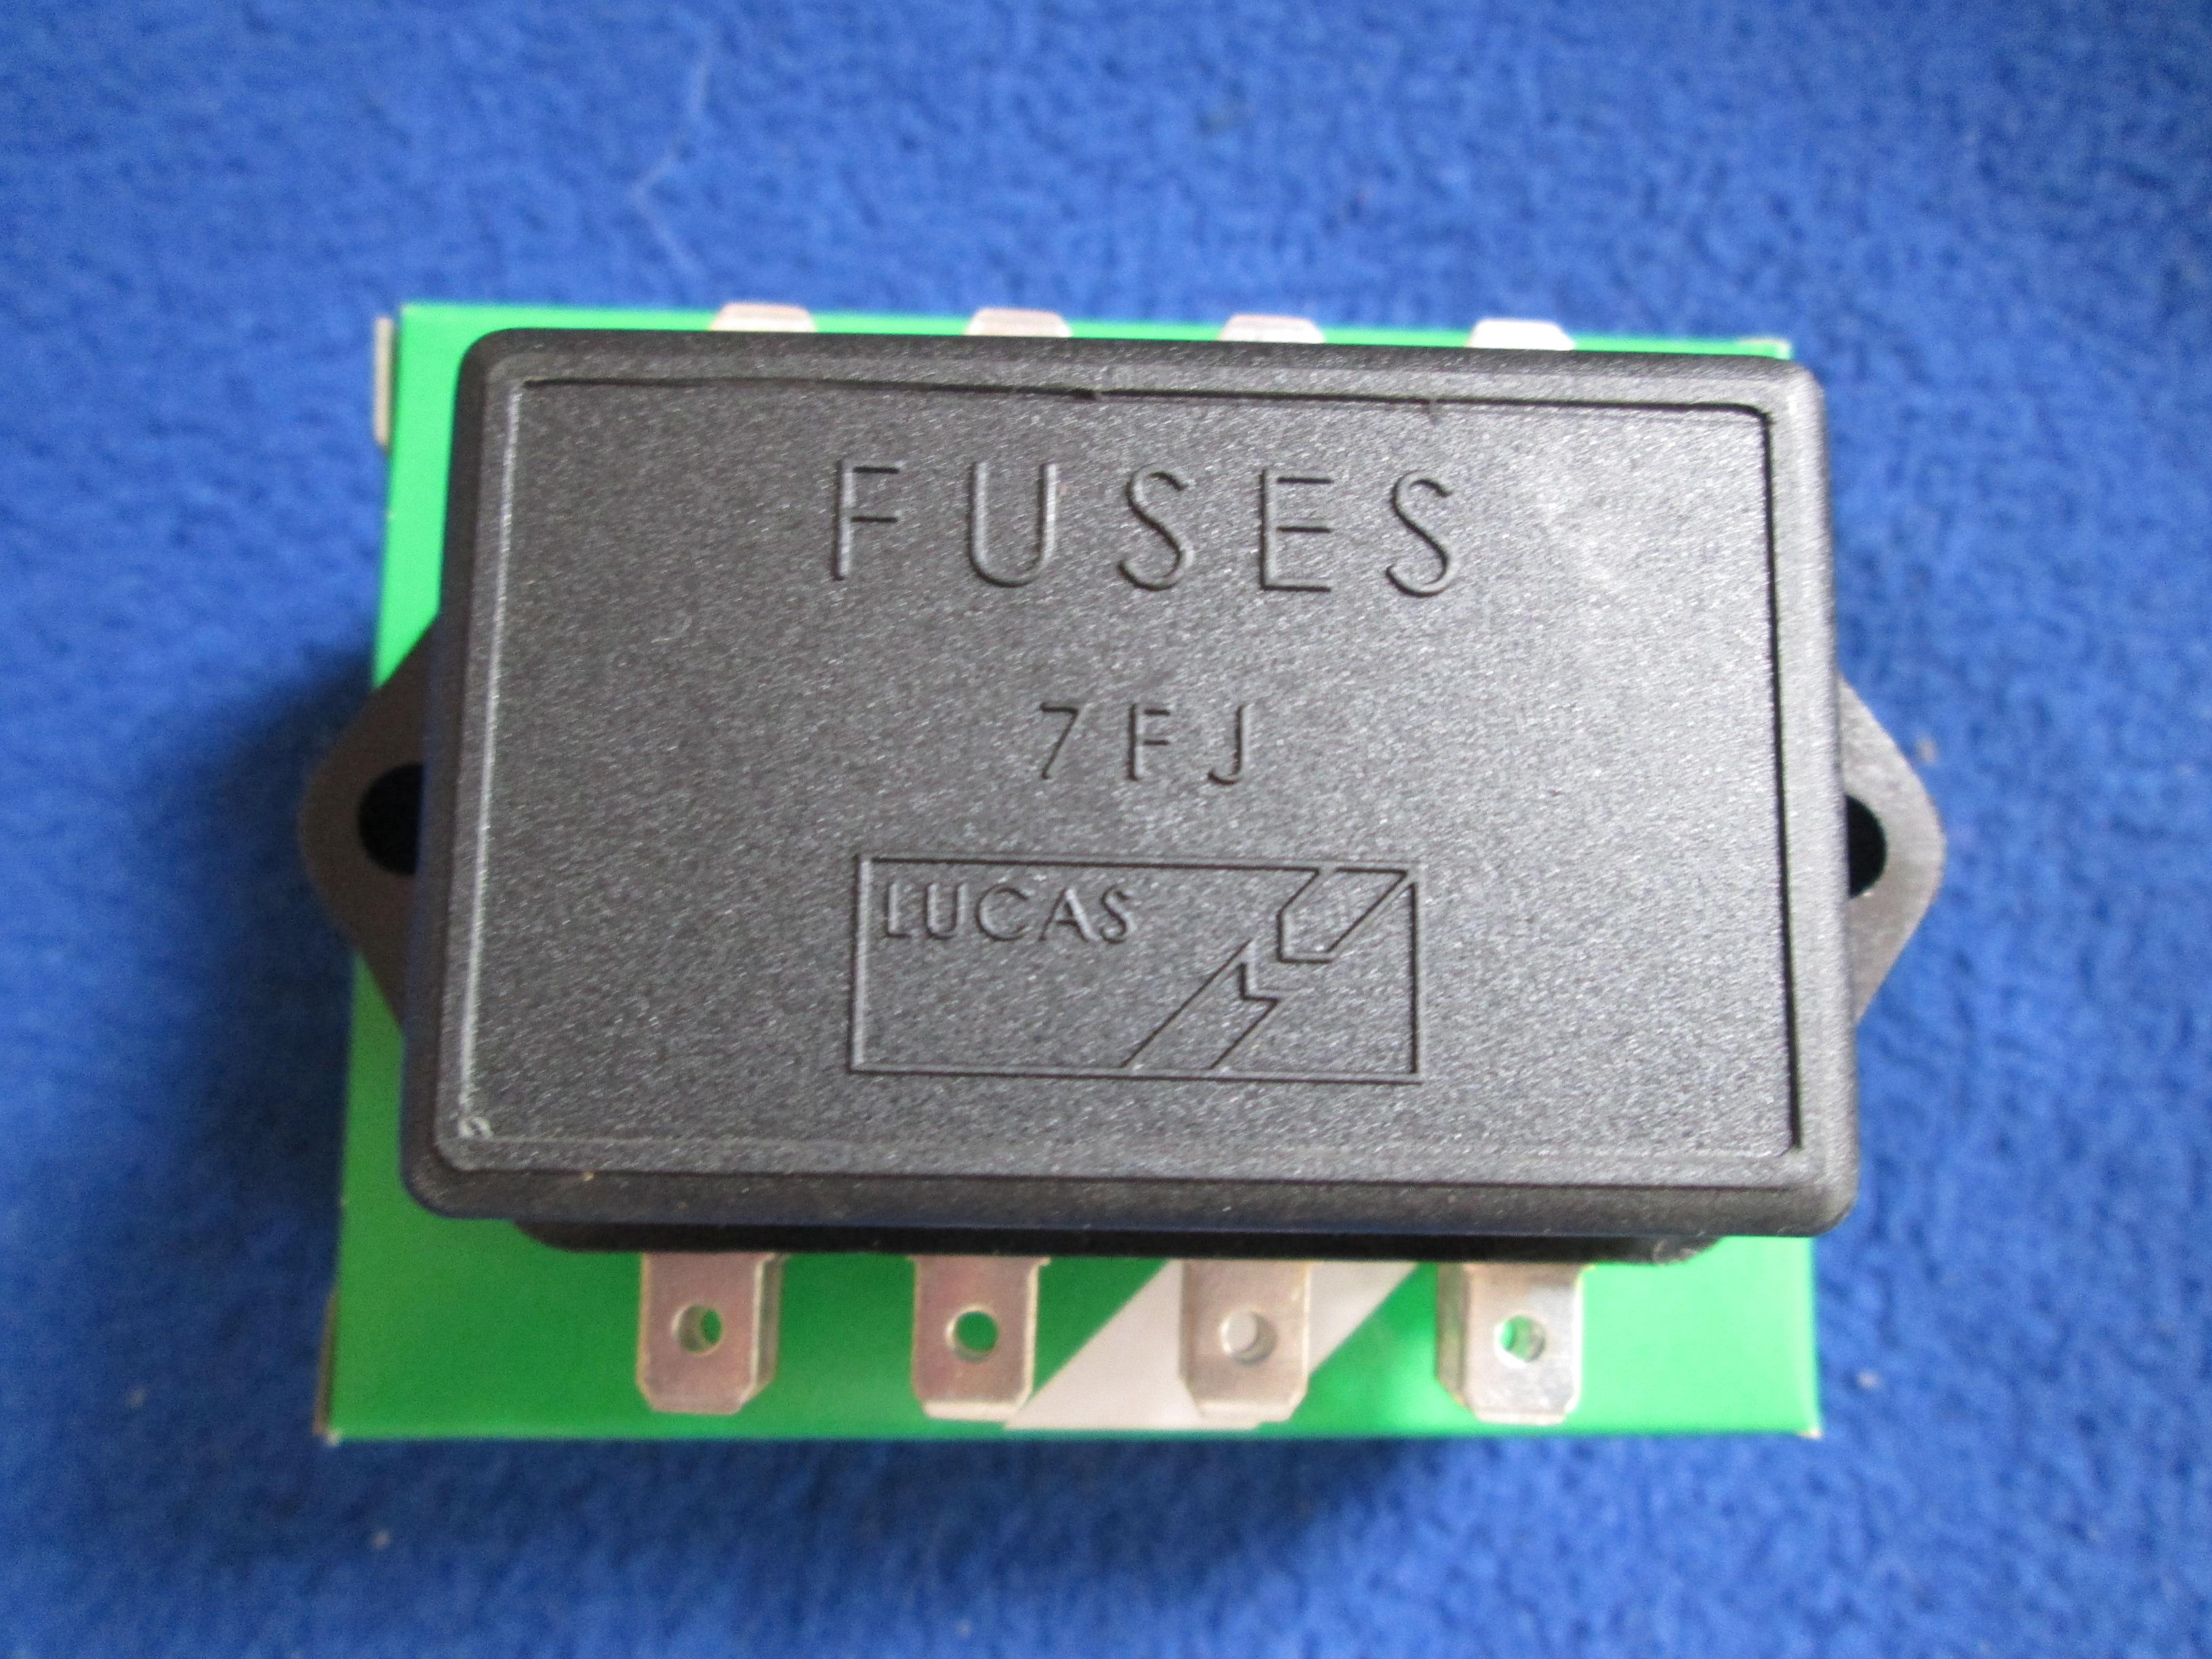 barn fuse box car fuse box wiring diagram u2022 rh suntse de Car Fuse Box fusebox in bathroom sweden